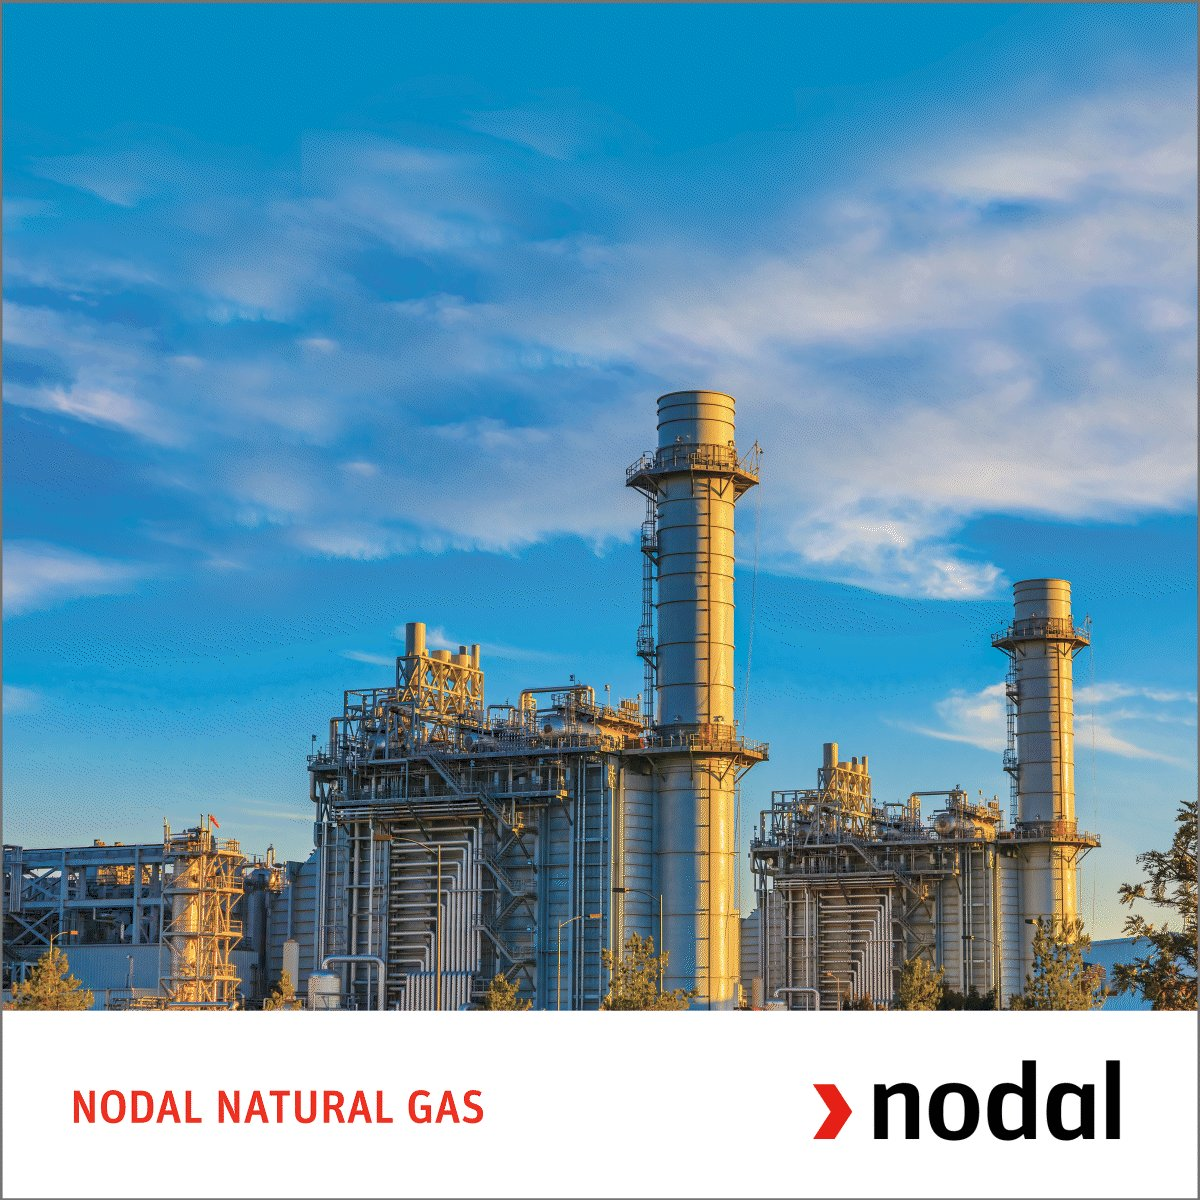 Yep, #natgas at Nodal.